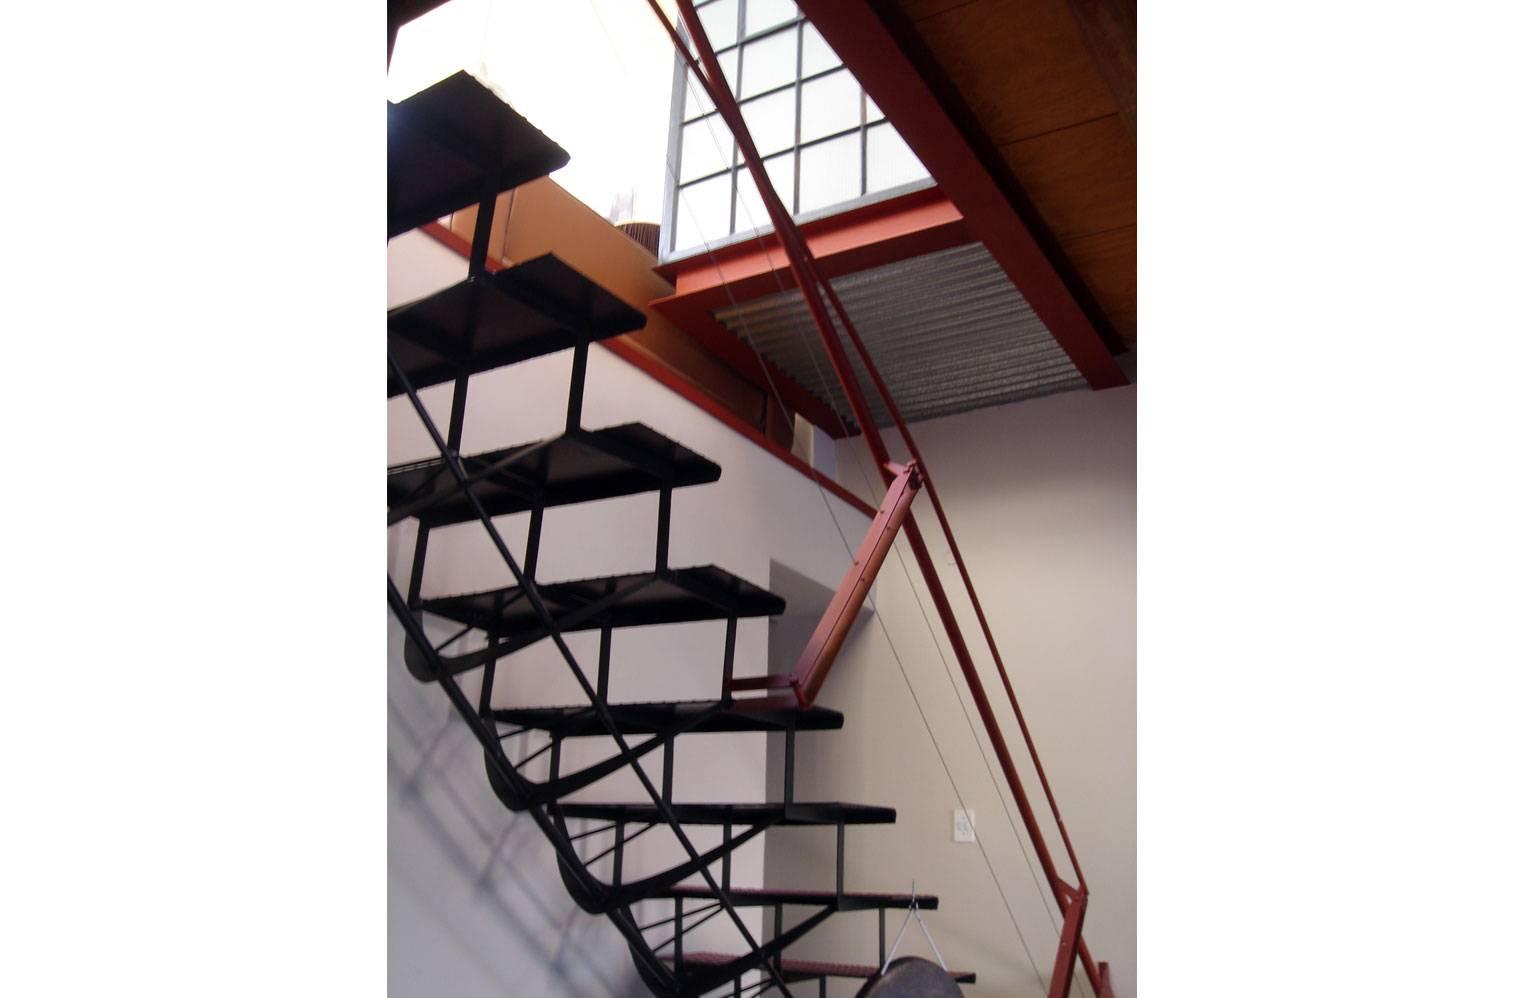 45 Leeuwen Street - View to Glass Cantileered En-Suite